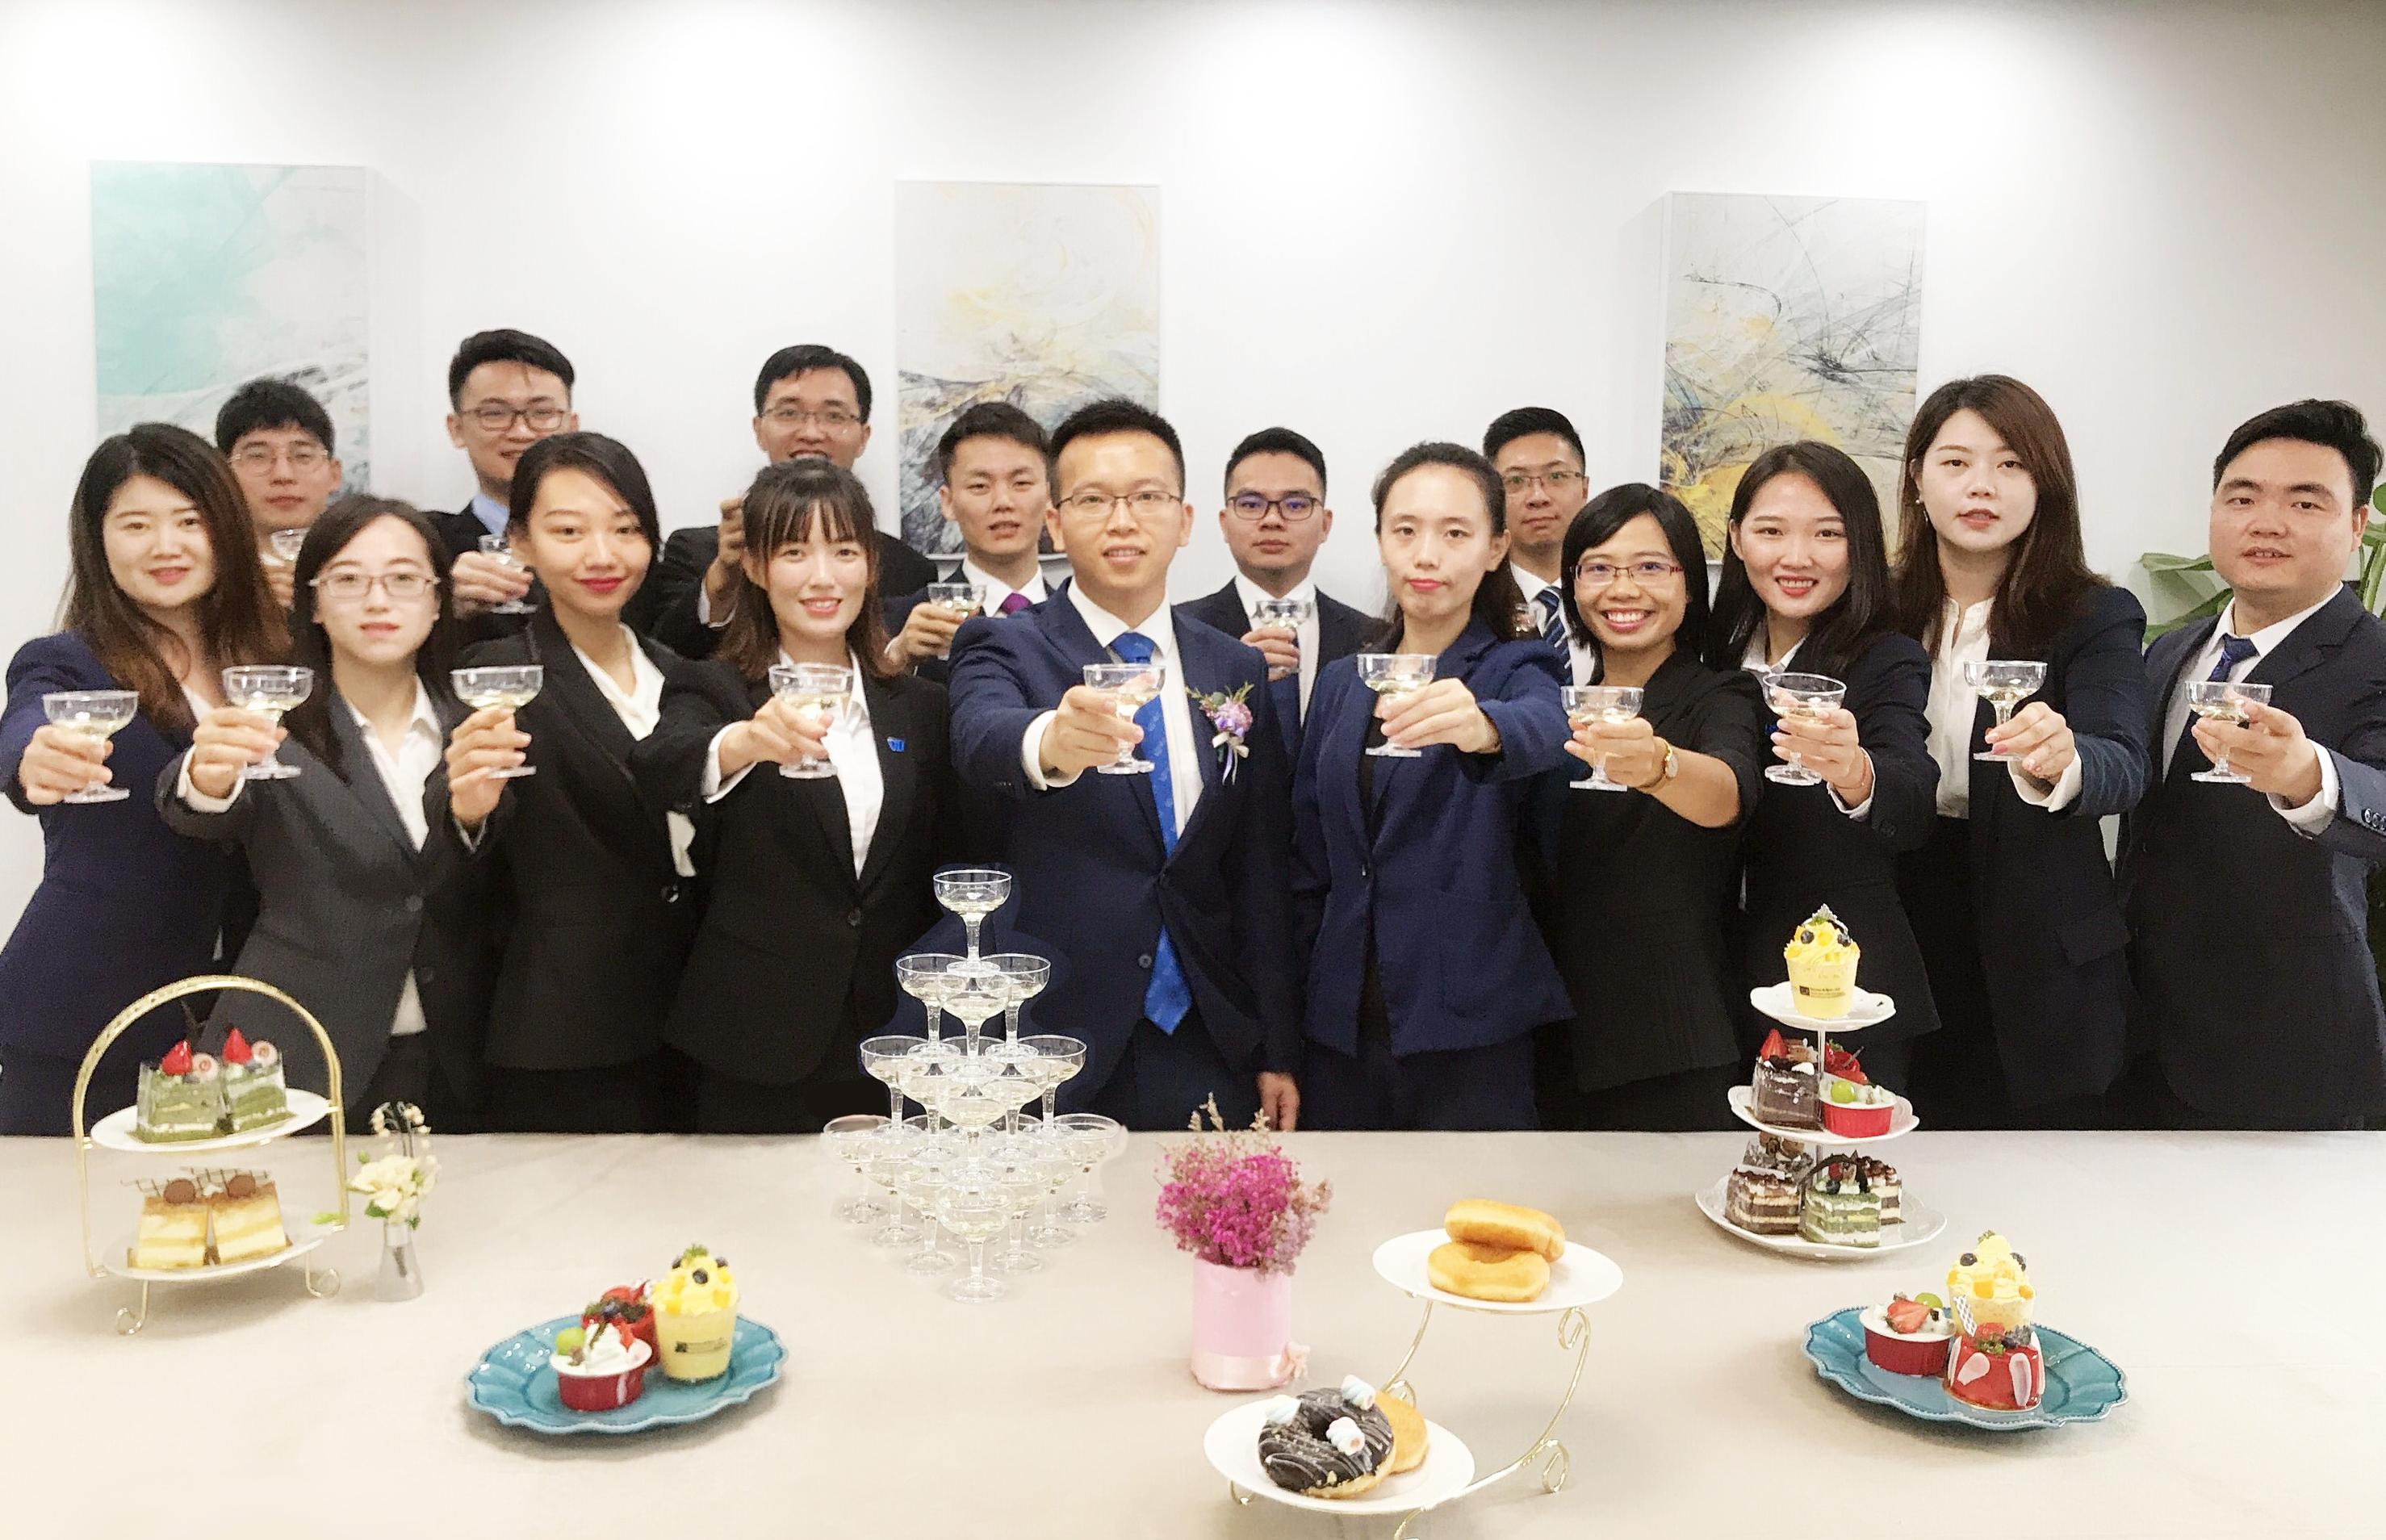 维正东莞分公司各部门管理干部参与庆祝仪式